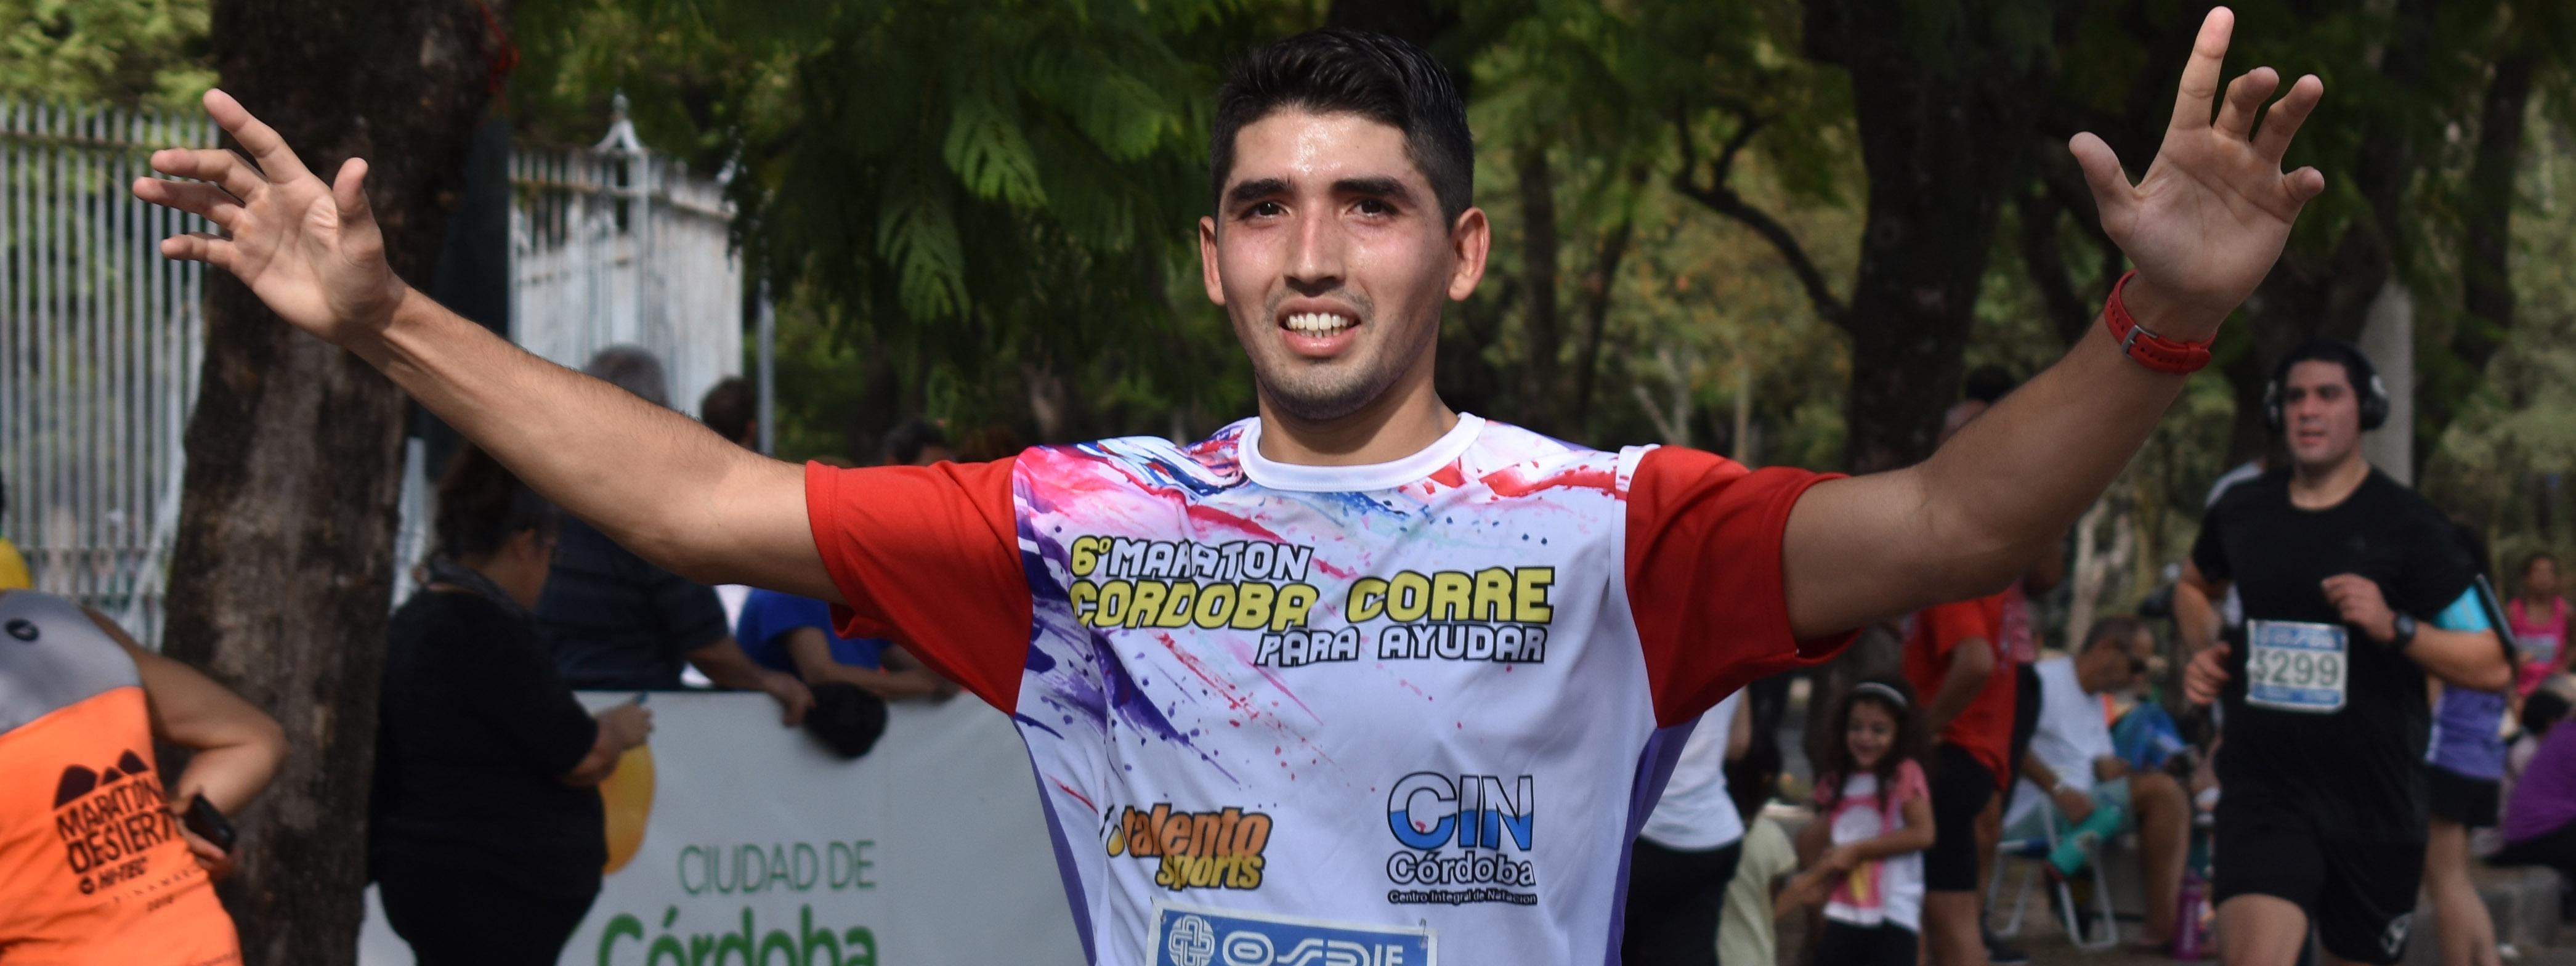 CÓRDOBA CORRE 2019: Cómo será la acreditación de la carrera del 5 de mayo en el Parque Sarmiento